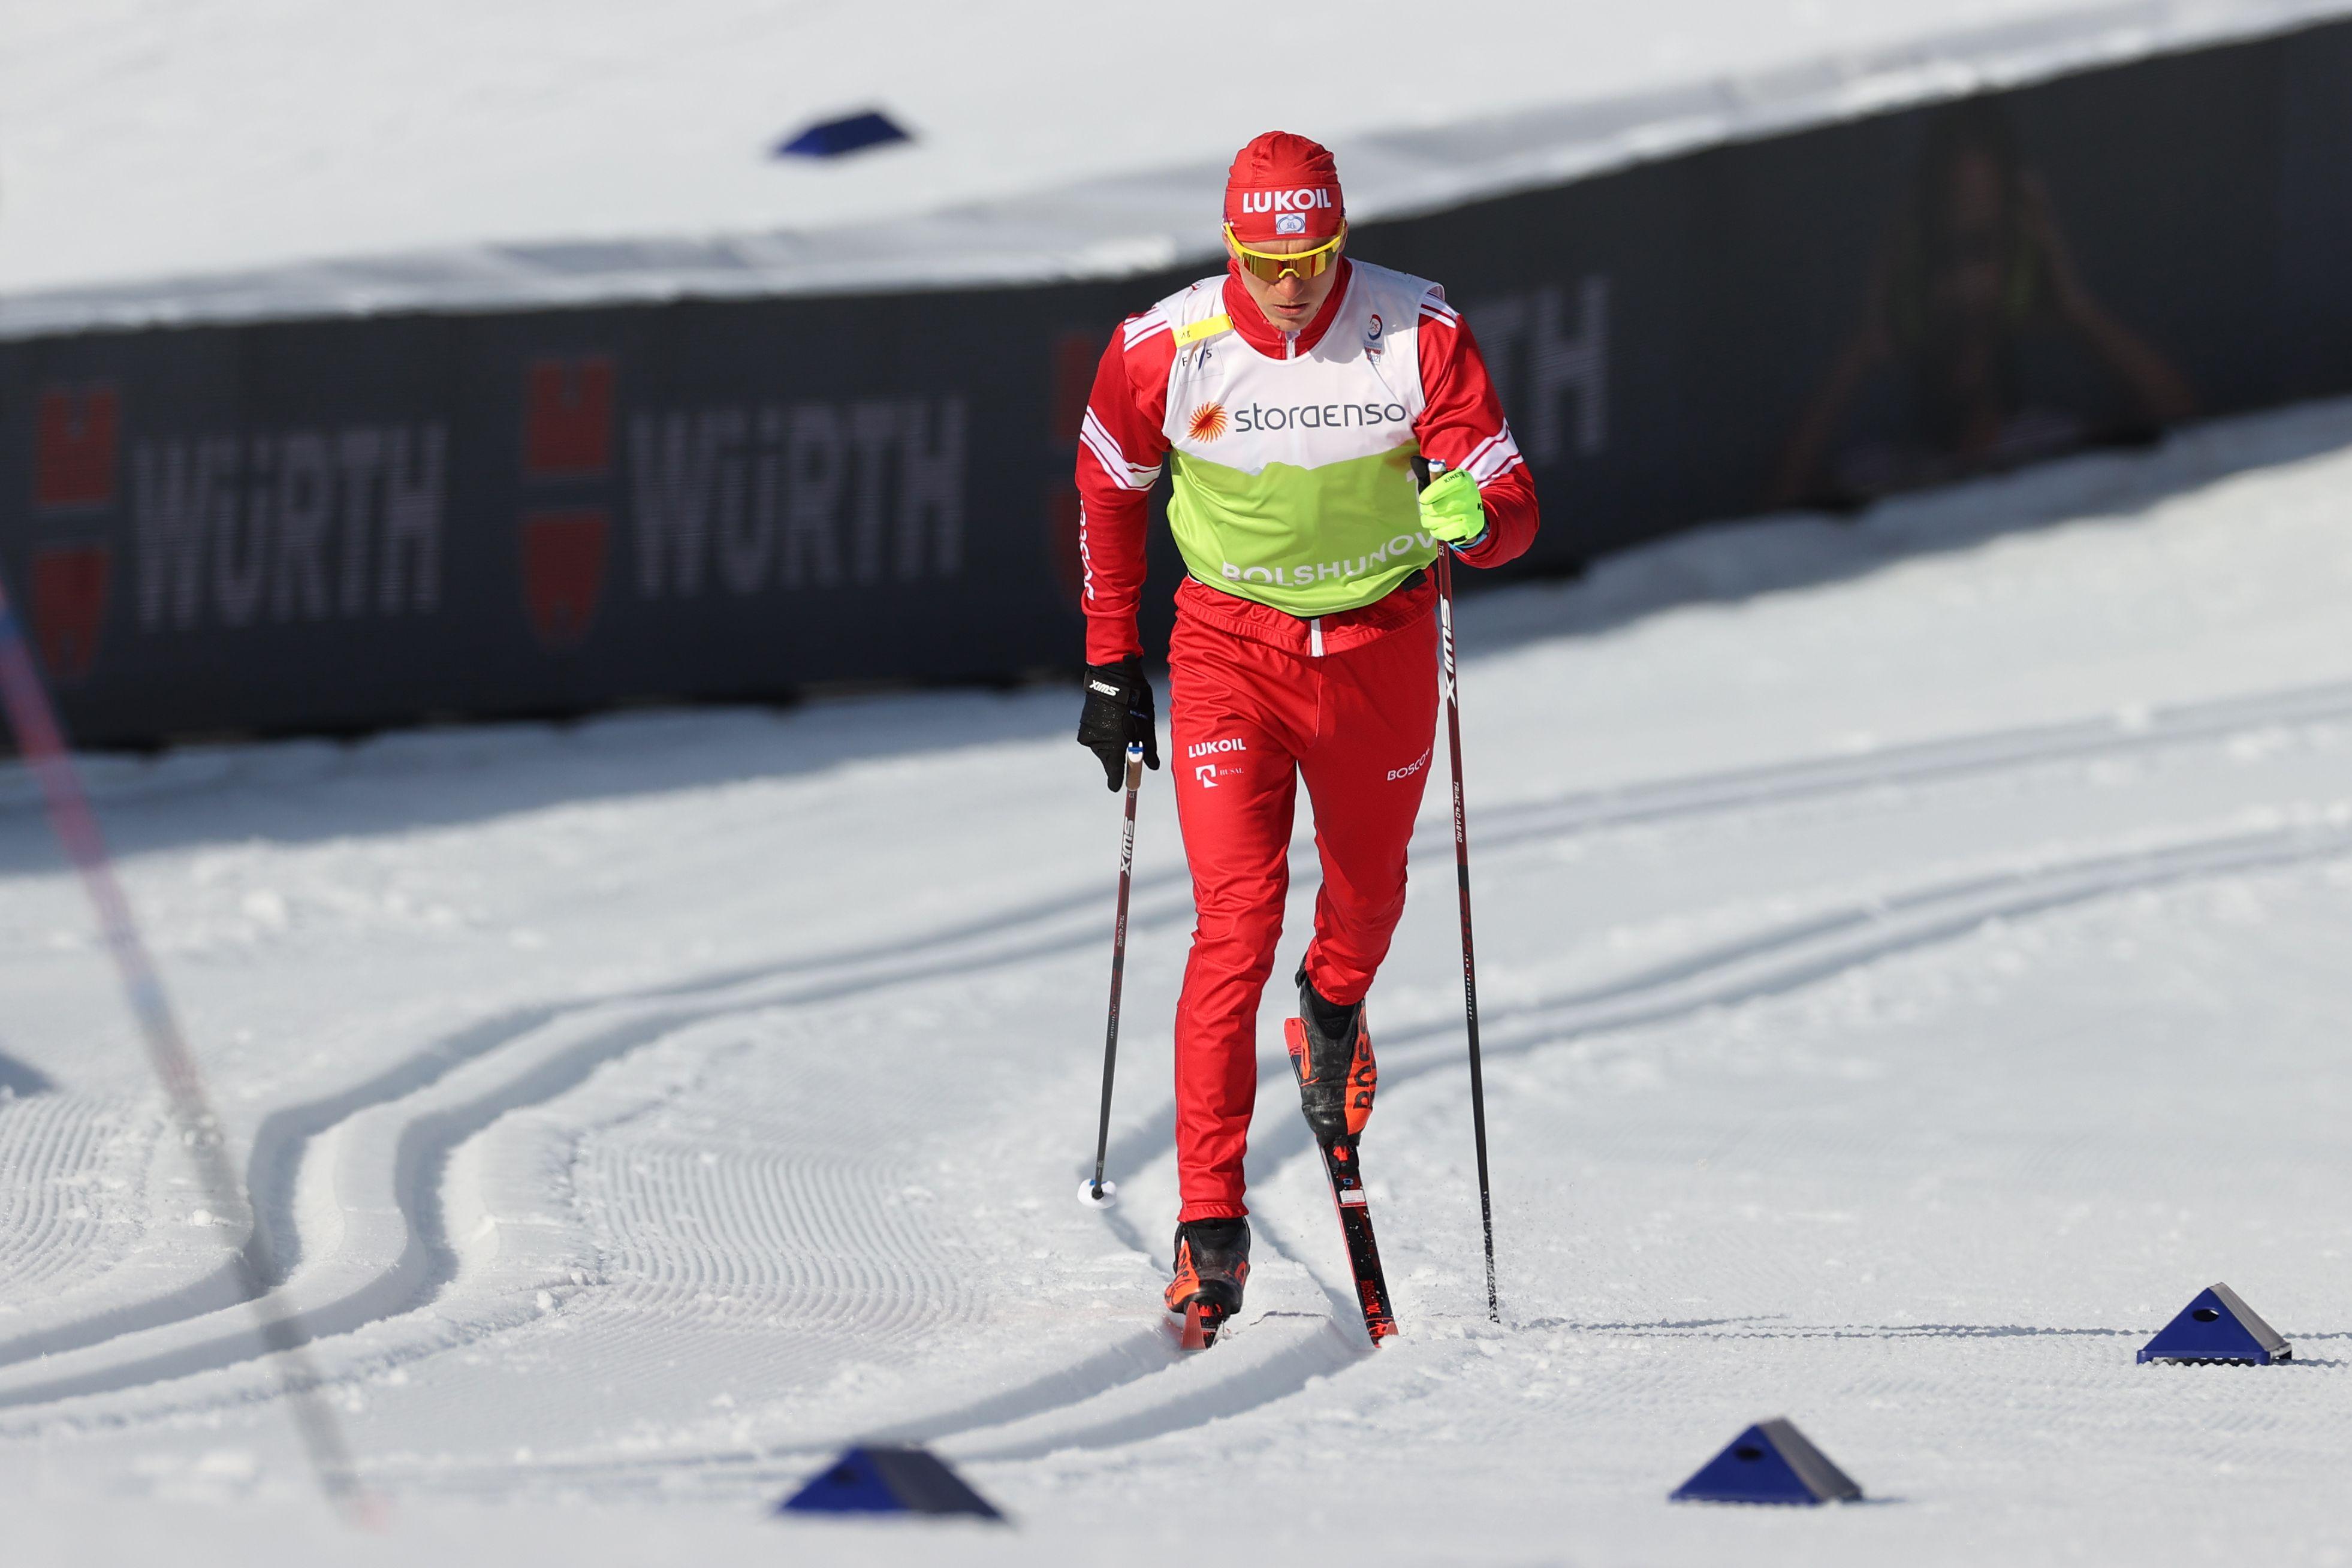 Рёте рассказал, какую тактику выберут норвежцы против Большунова в скиатлоне